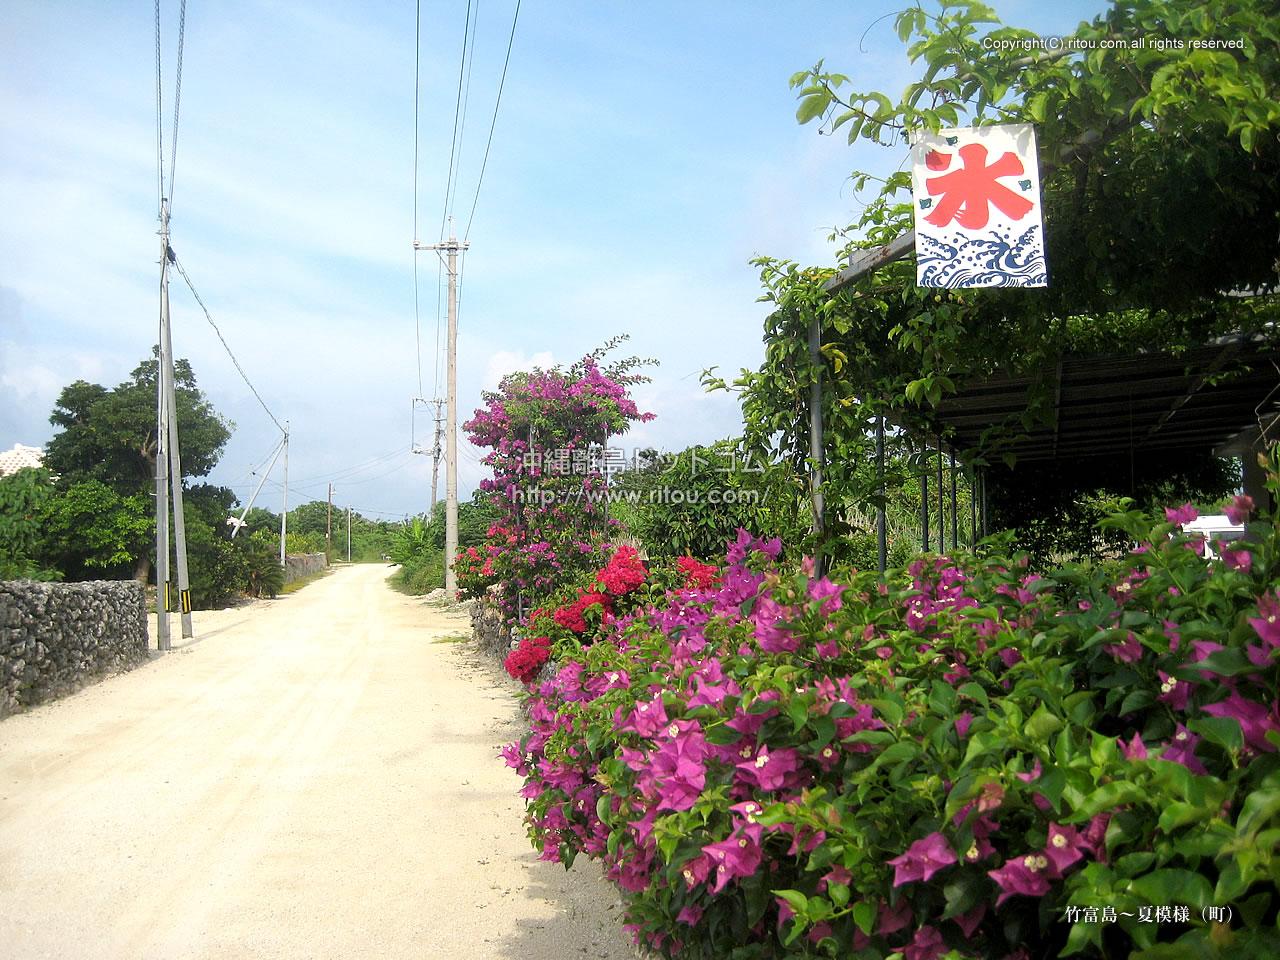 竹富島〜夏模様(町)